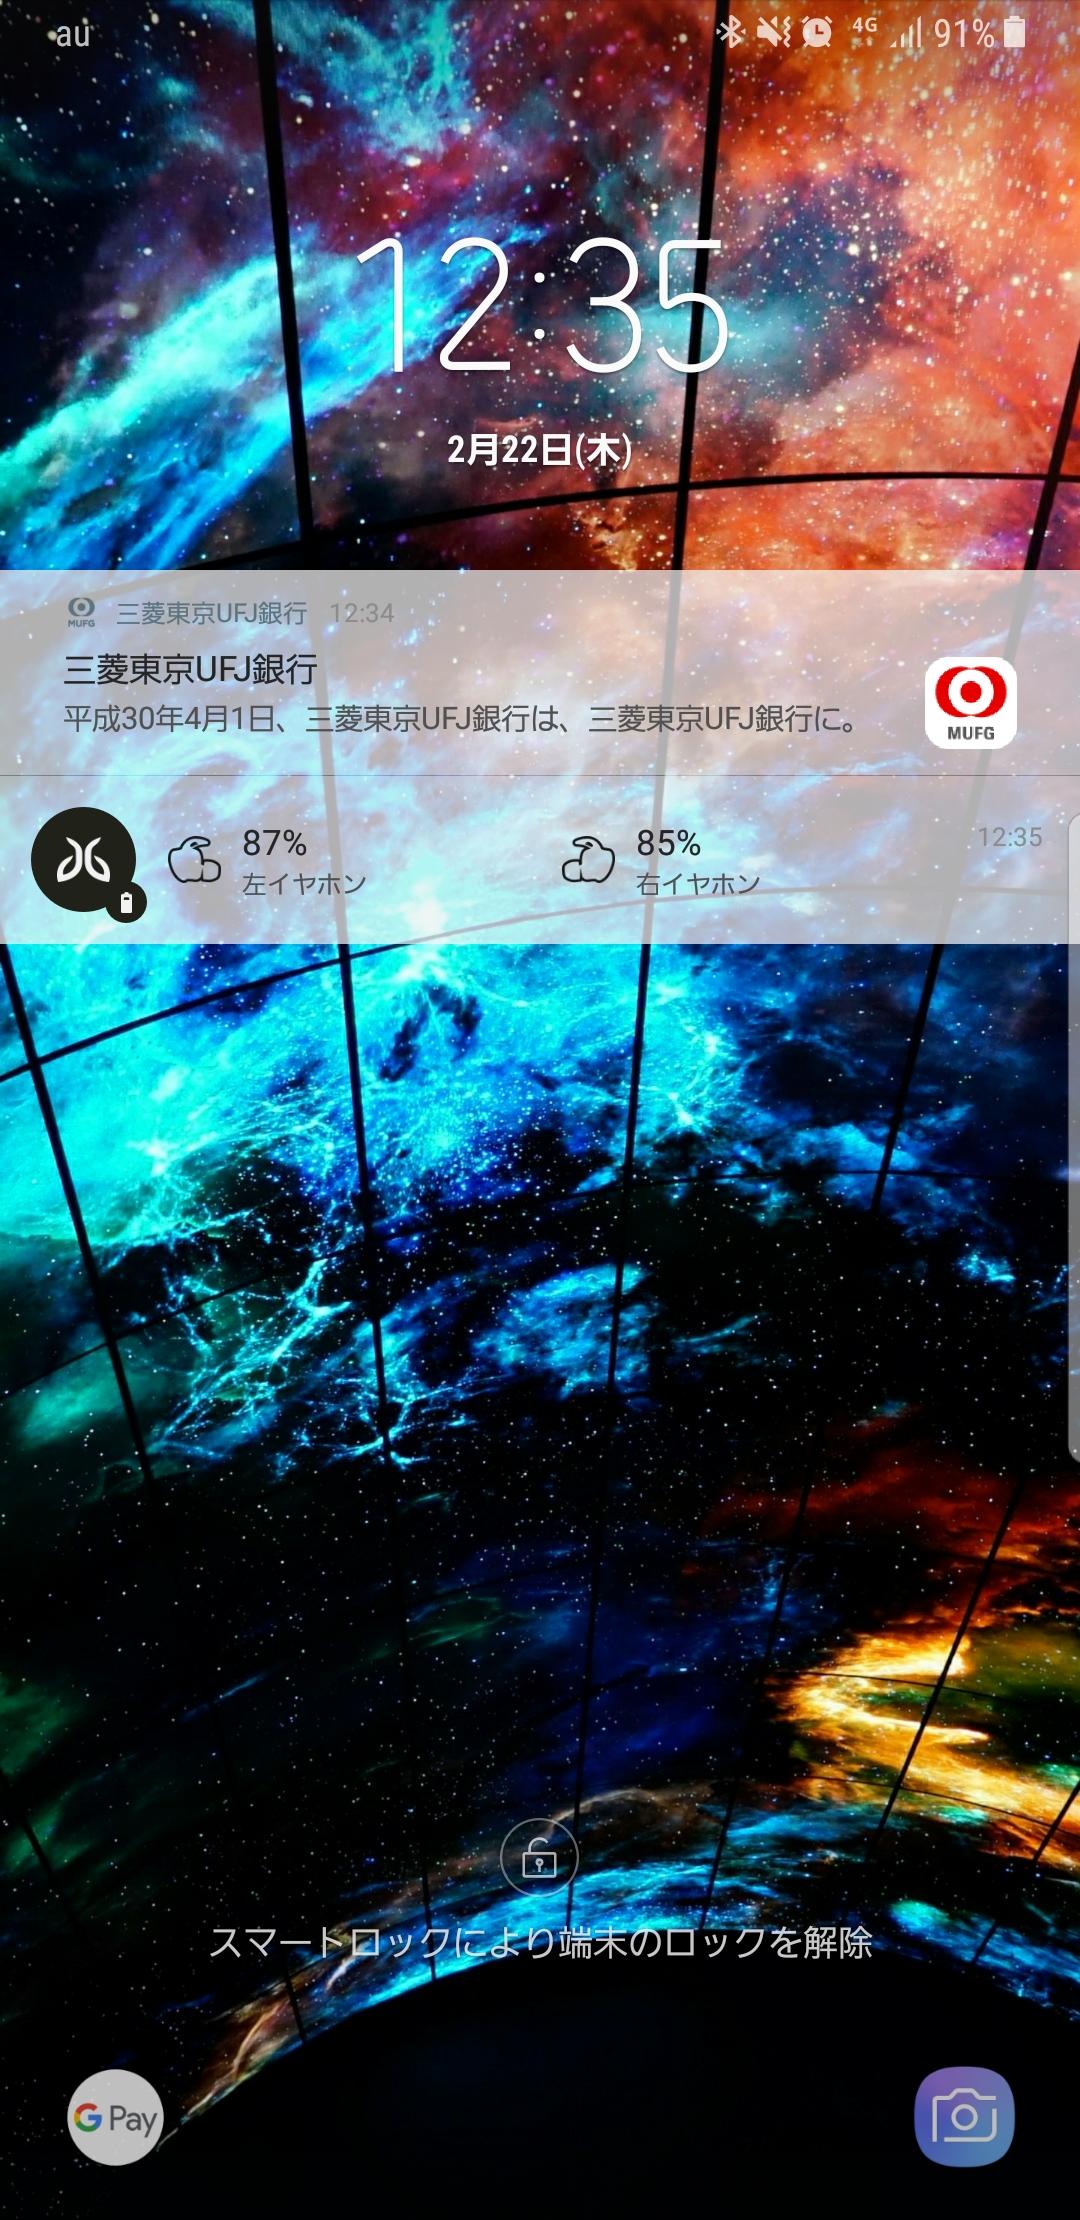 銀行 ufj 三菱 支店 番号 東京